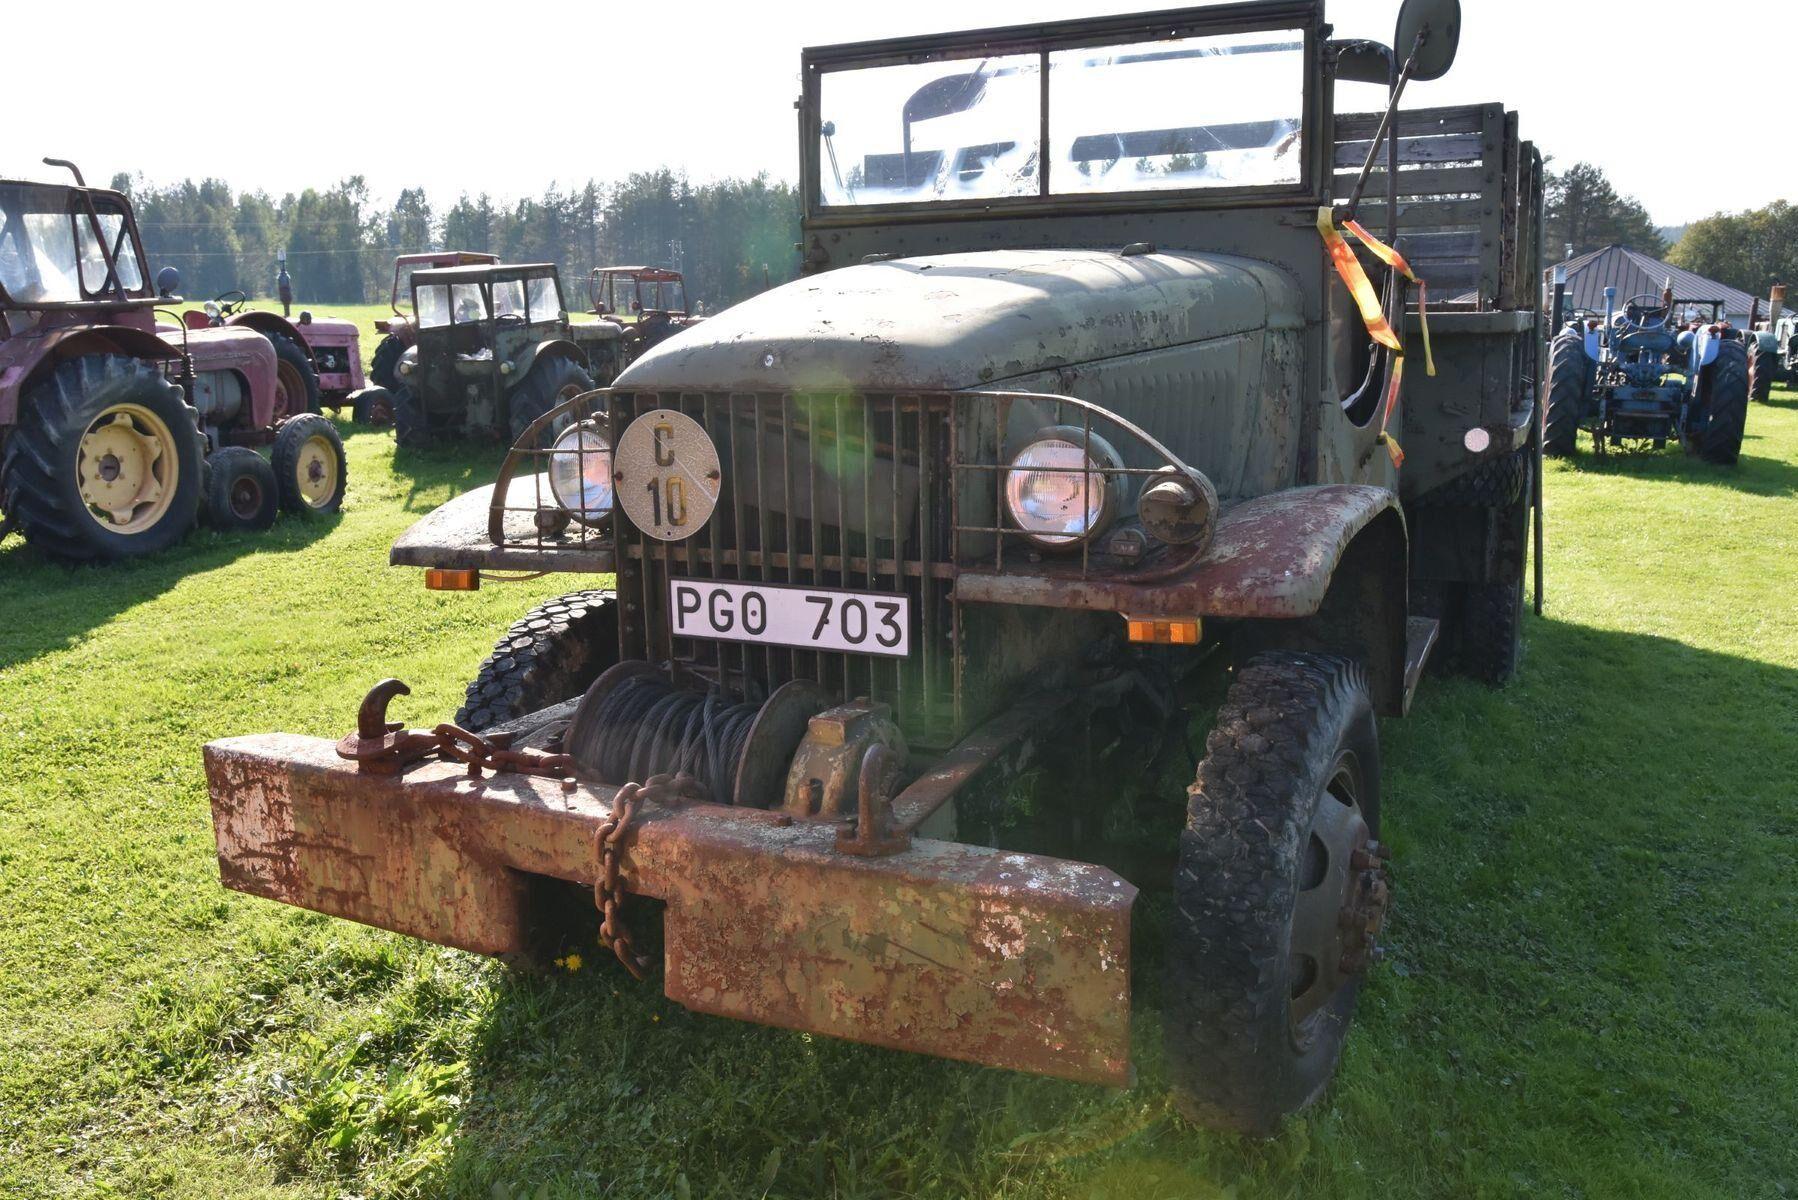 GMC 6x6 Armélastbil CCKW 353 6 cyl bensin från 1943.